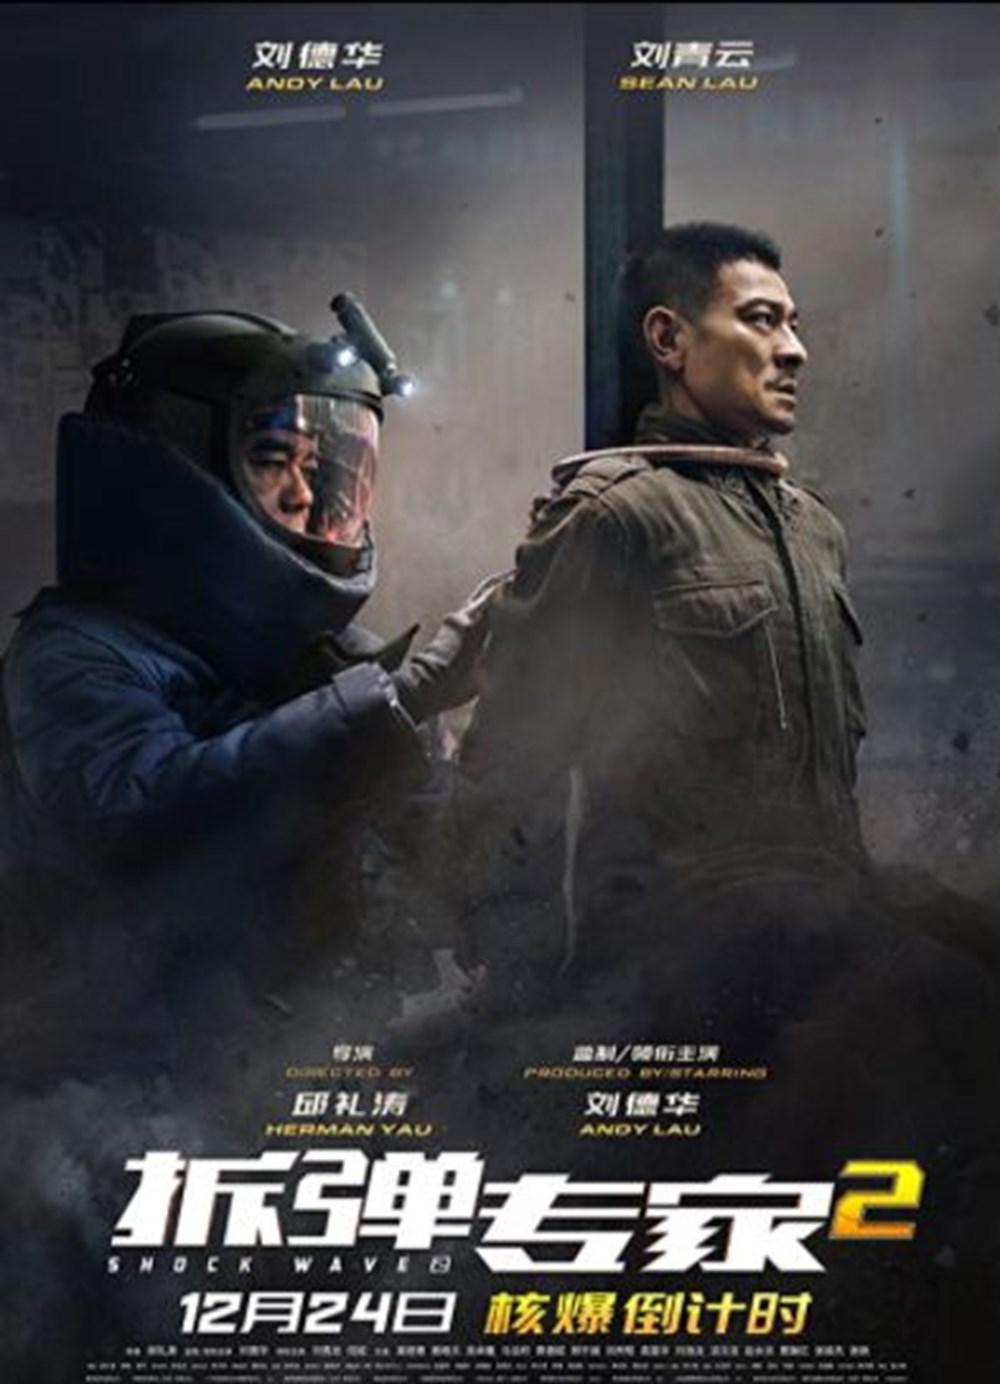 Box Office Çin: 2021'e hızlı girildi, yılbaşı hafta sonu gişe rekoru geldi - 5